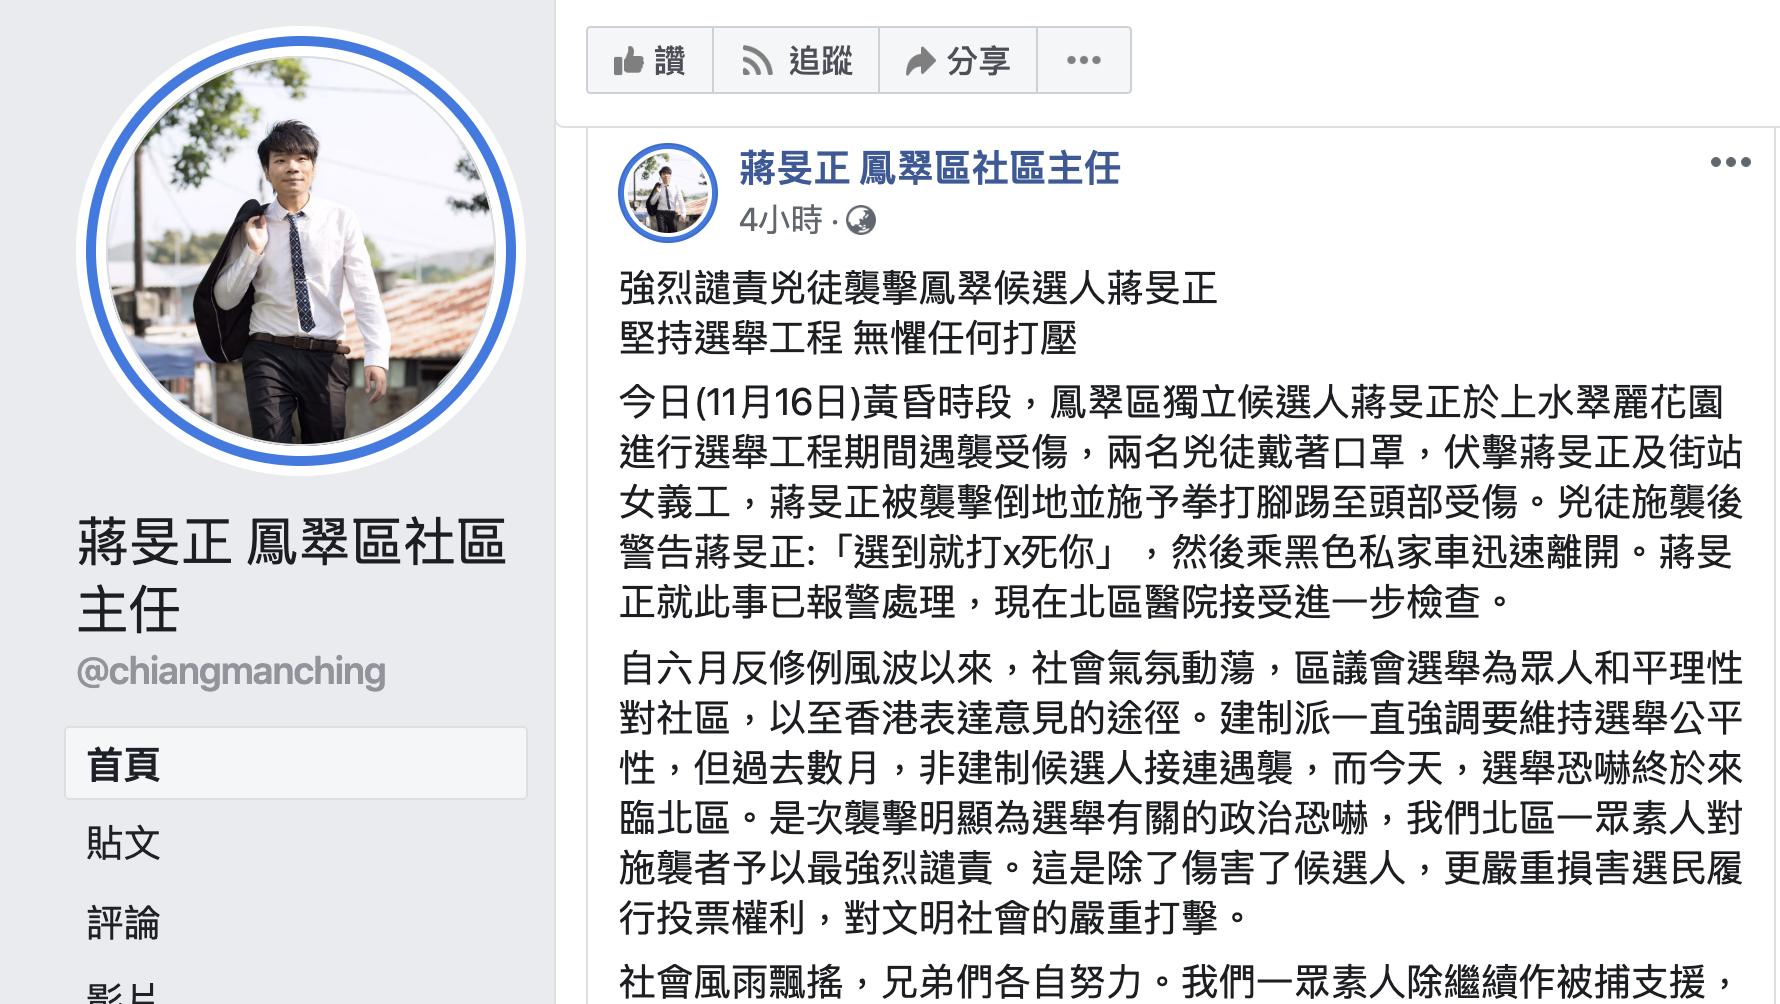 11月16日黃昏,鳳翠區獨立候選人蔣旻進行選舉活動中天遇襲受傷。(網絡截圖)